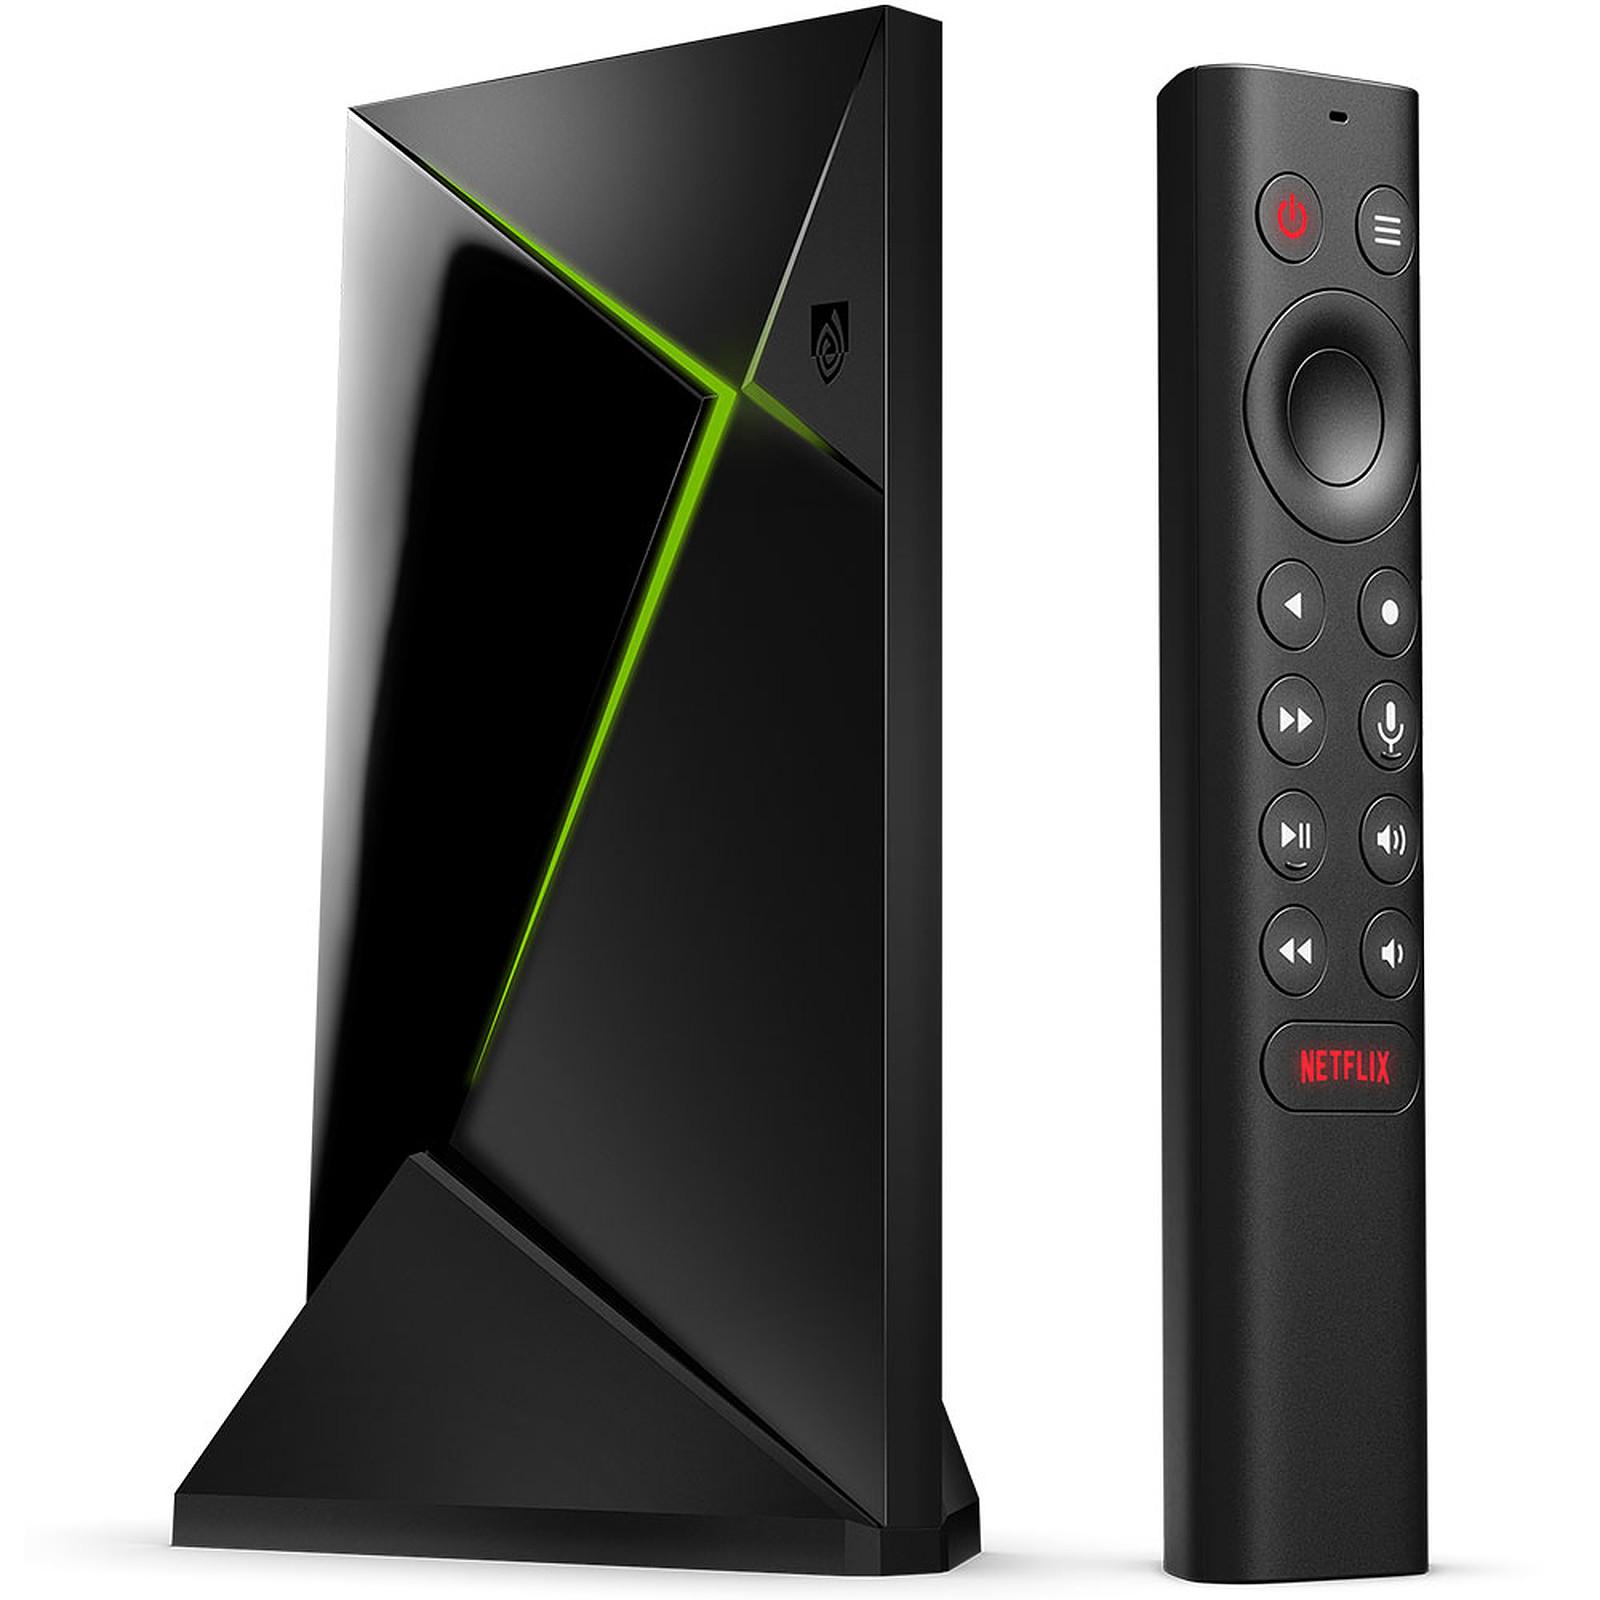 Lecteur multimédia Nvidia Shield TV Pro - 4K, Tegra X1+, RAM 3 Go, 16 Go (194.28€ avec le code LASTCHANCE)